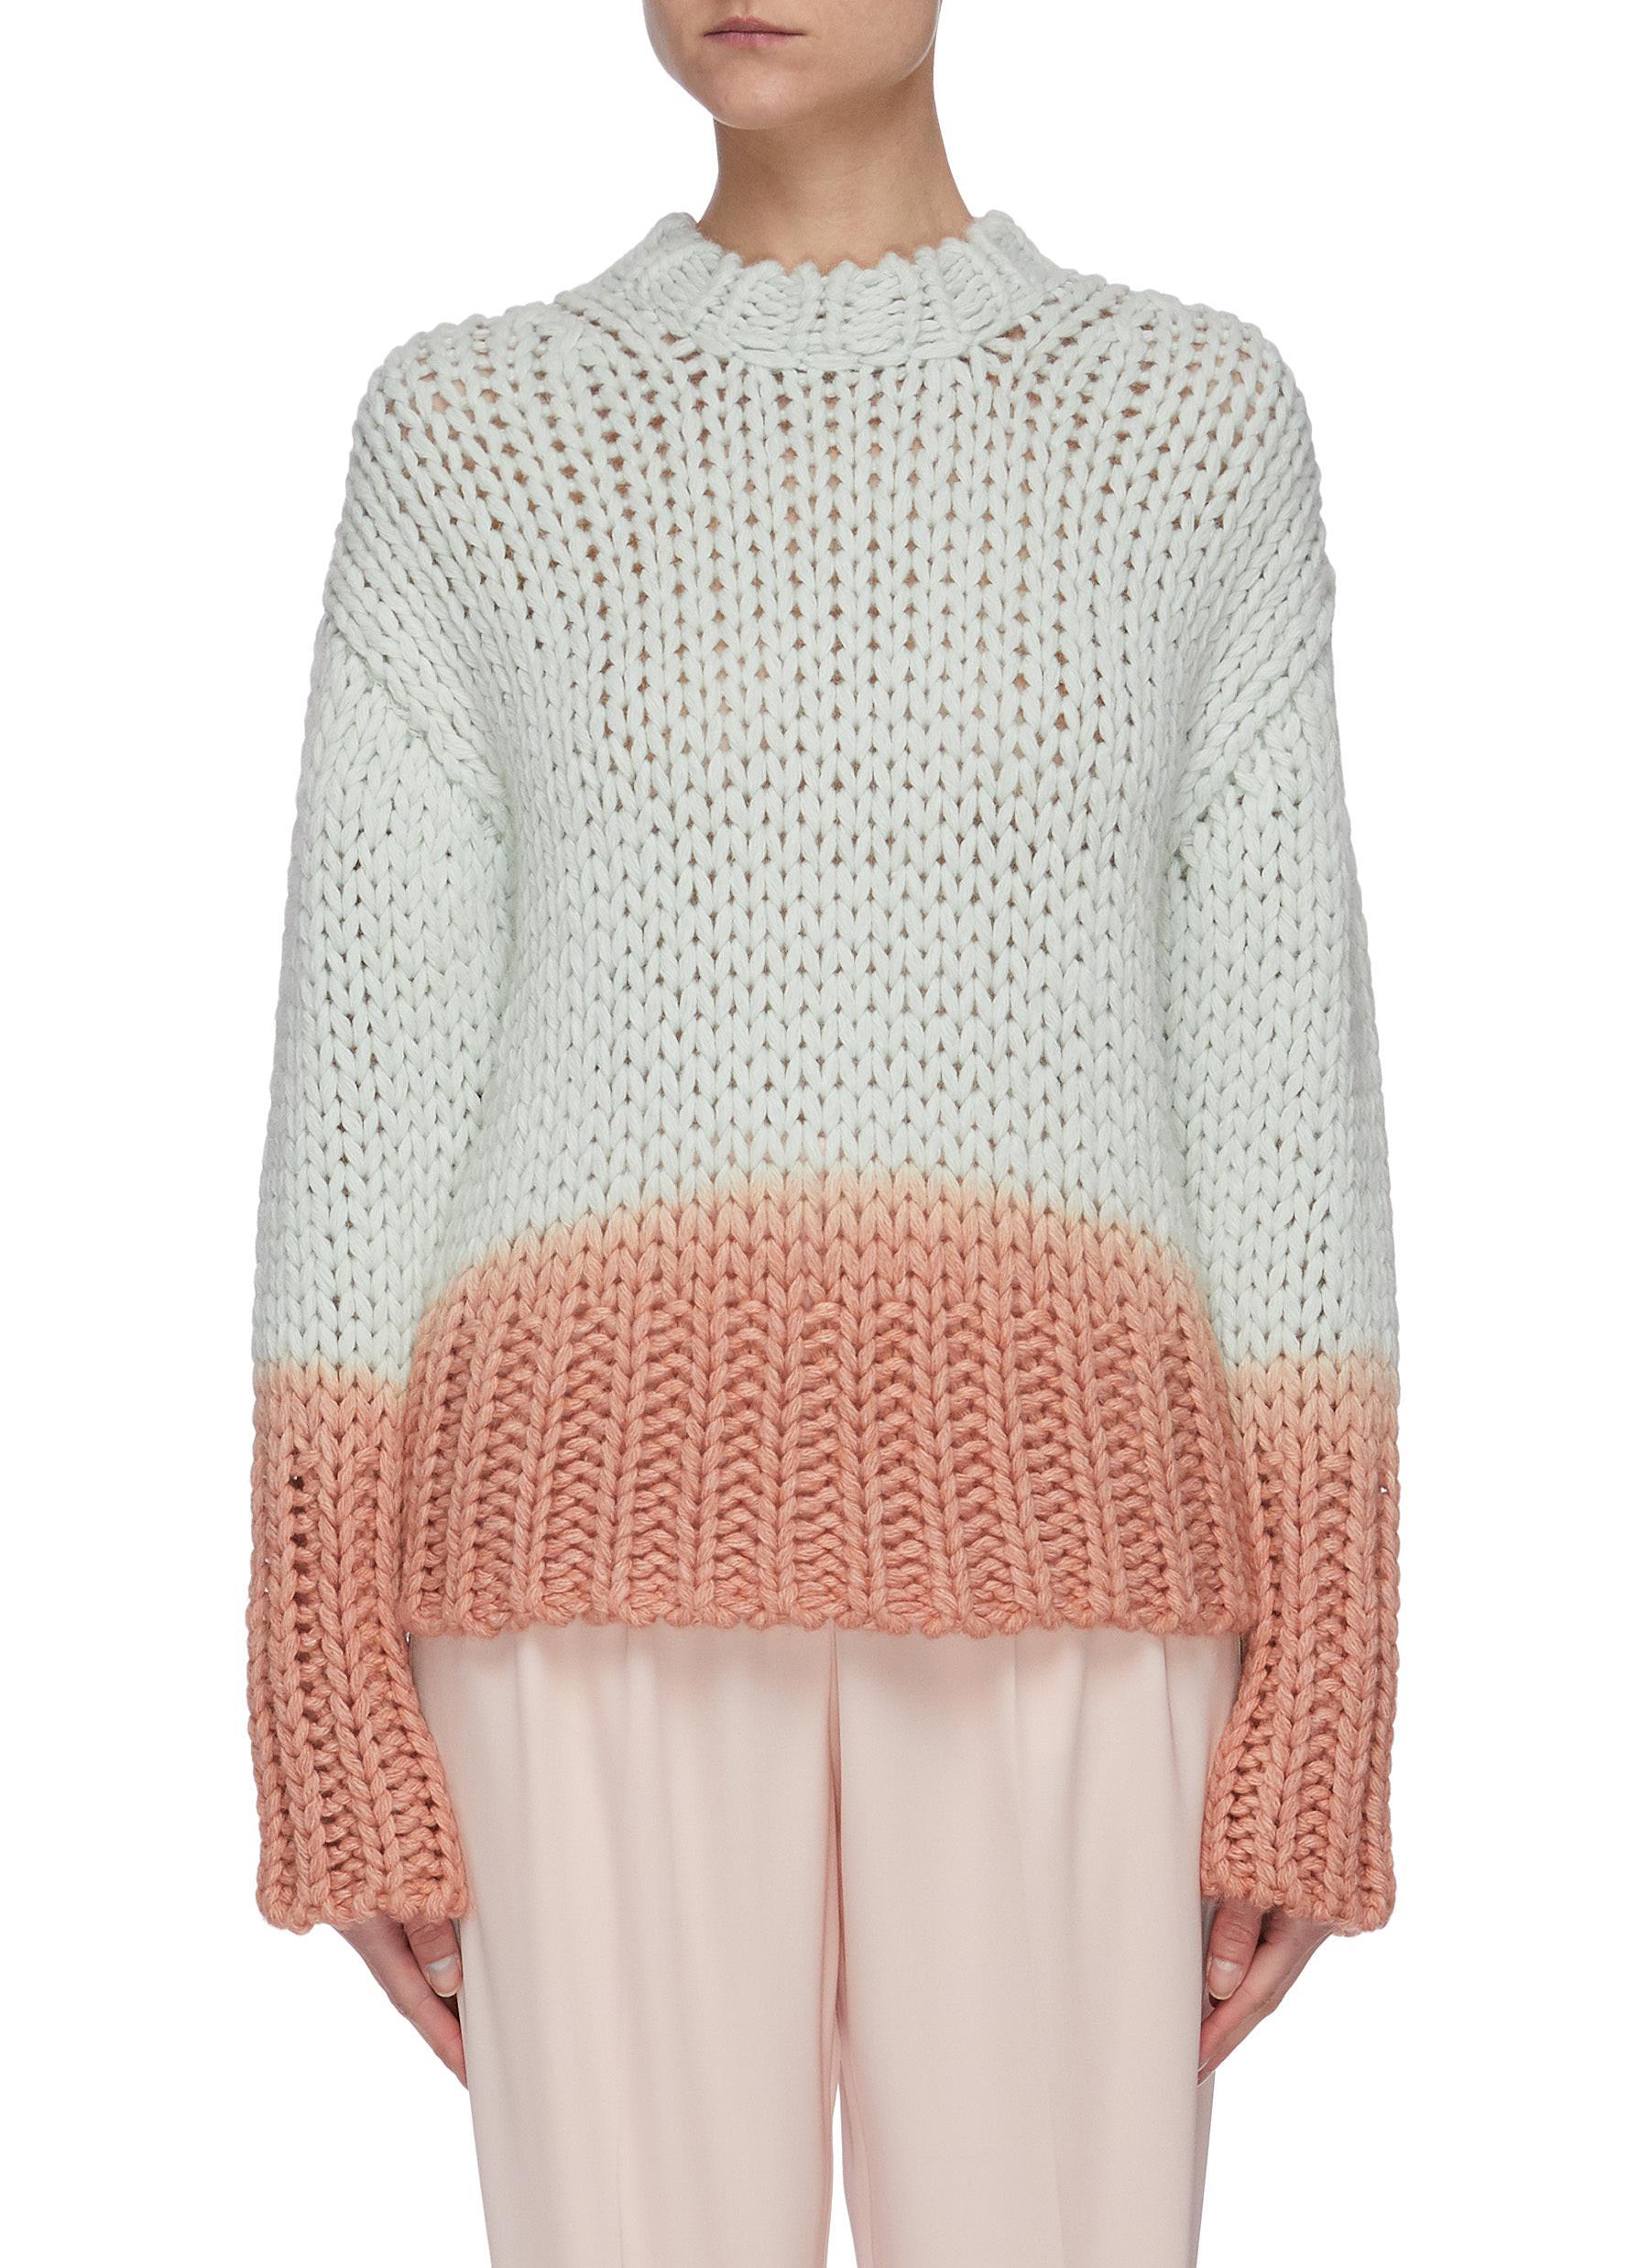 Buy Acne Studios Knitwear Dip dye effect chunky knit sweater